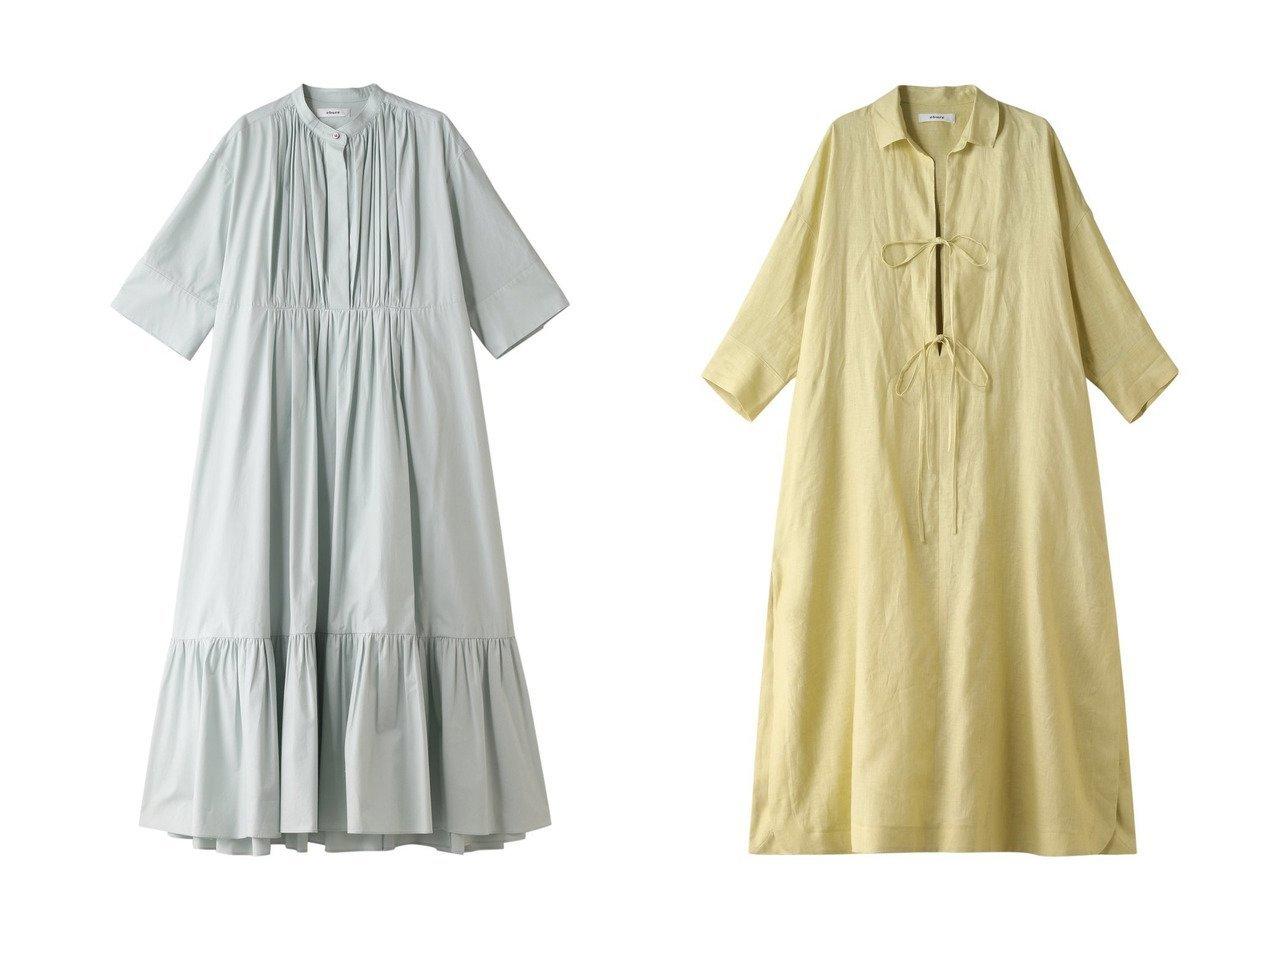 【ebure/エブール】のボタニカルコットンシルク バンドカラーシャツワンピース&ボタニカルリネン シャツワンピース 【ワンピース・ドレス】おすすめ!人気、トレンド・レディースファッションの通販 おすすめで人気の流行・トレンド、ファッションの通販商品 メンズファッション・キッズファッション・インテリア・家具・レディースファッション・服の通販 founy(ファニー) https://founy.com/ ファッション Fashion レディースファッション WOMEN ワンピース Dress シャツワンピース Shirt Dresses 2021年 2021 2021春夏・S/S SS/Spring/Summer/2021 S/S・春夏 SS・Spring/Summer ギャザー パーティ フレア フロント ロング 春 Spring  ID:crp329100000028610